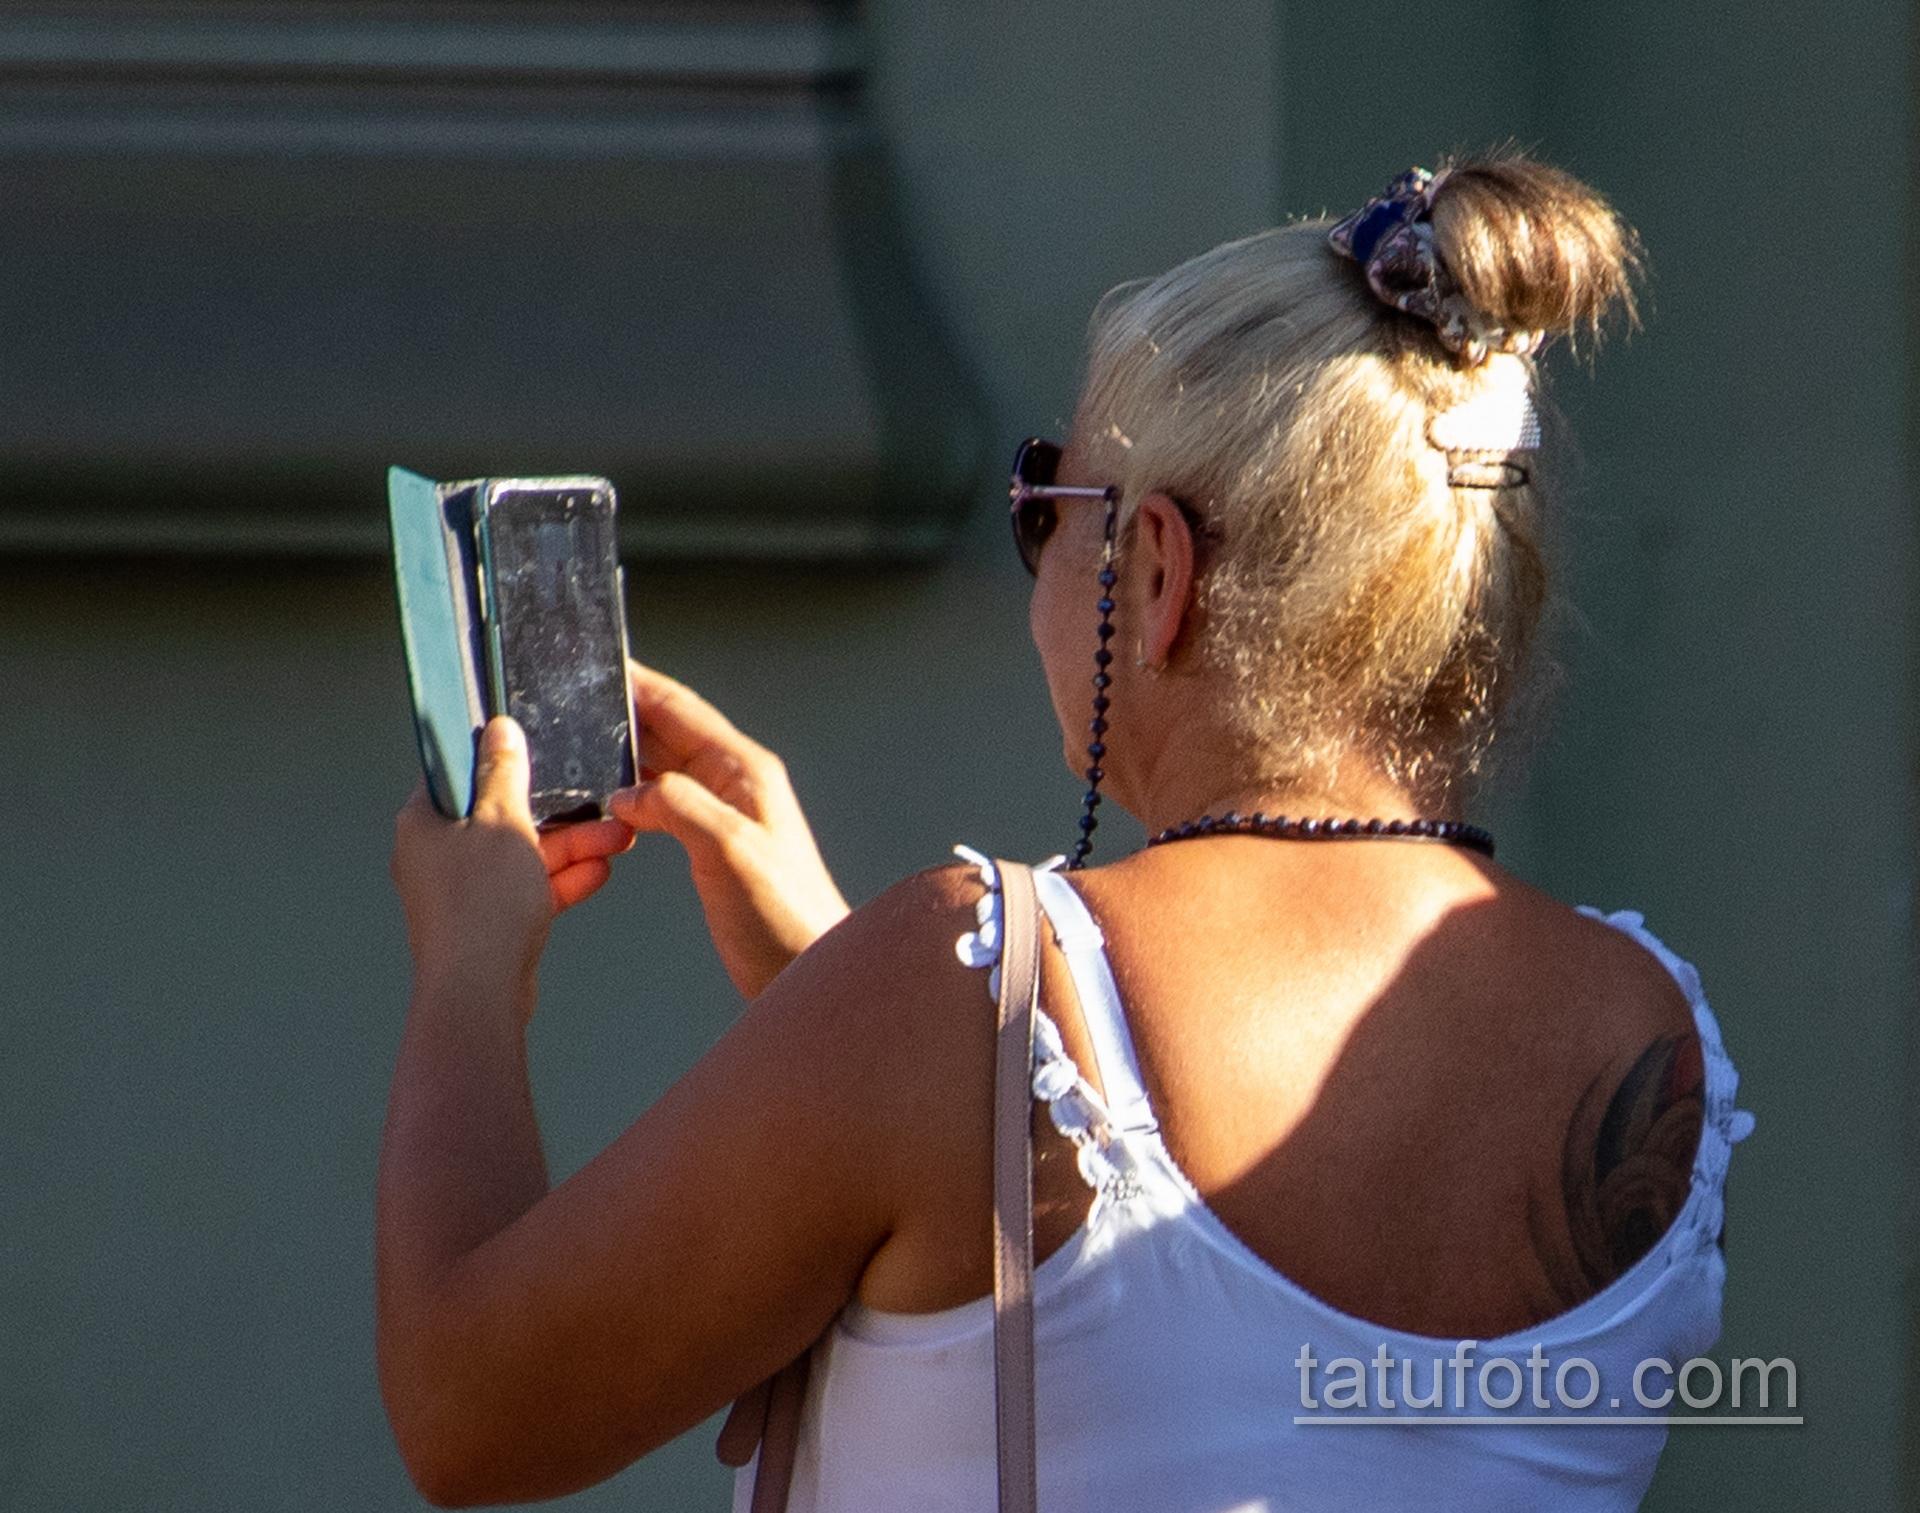 Цветная тату со славянскими рунами на правой лопатке женщины – Уличная татуировка 14.09.2020 – tatufoto.com 2